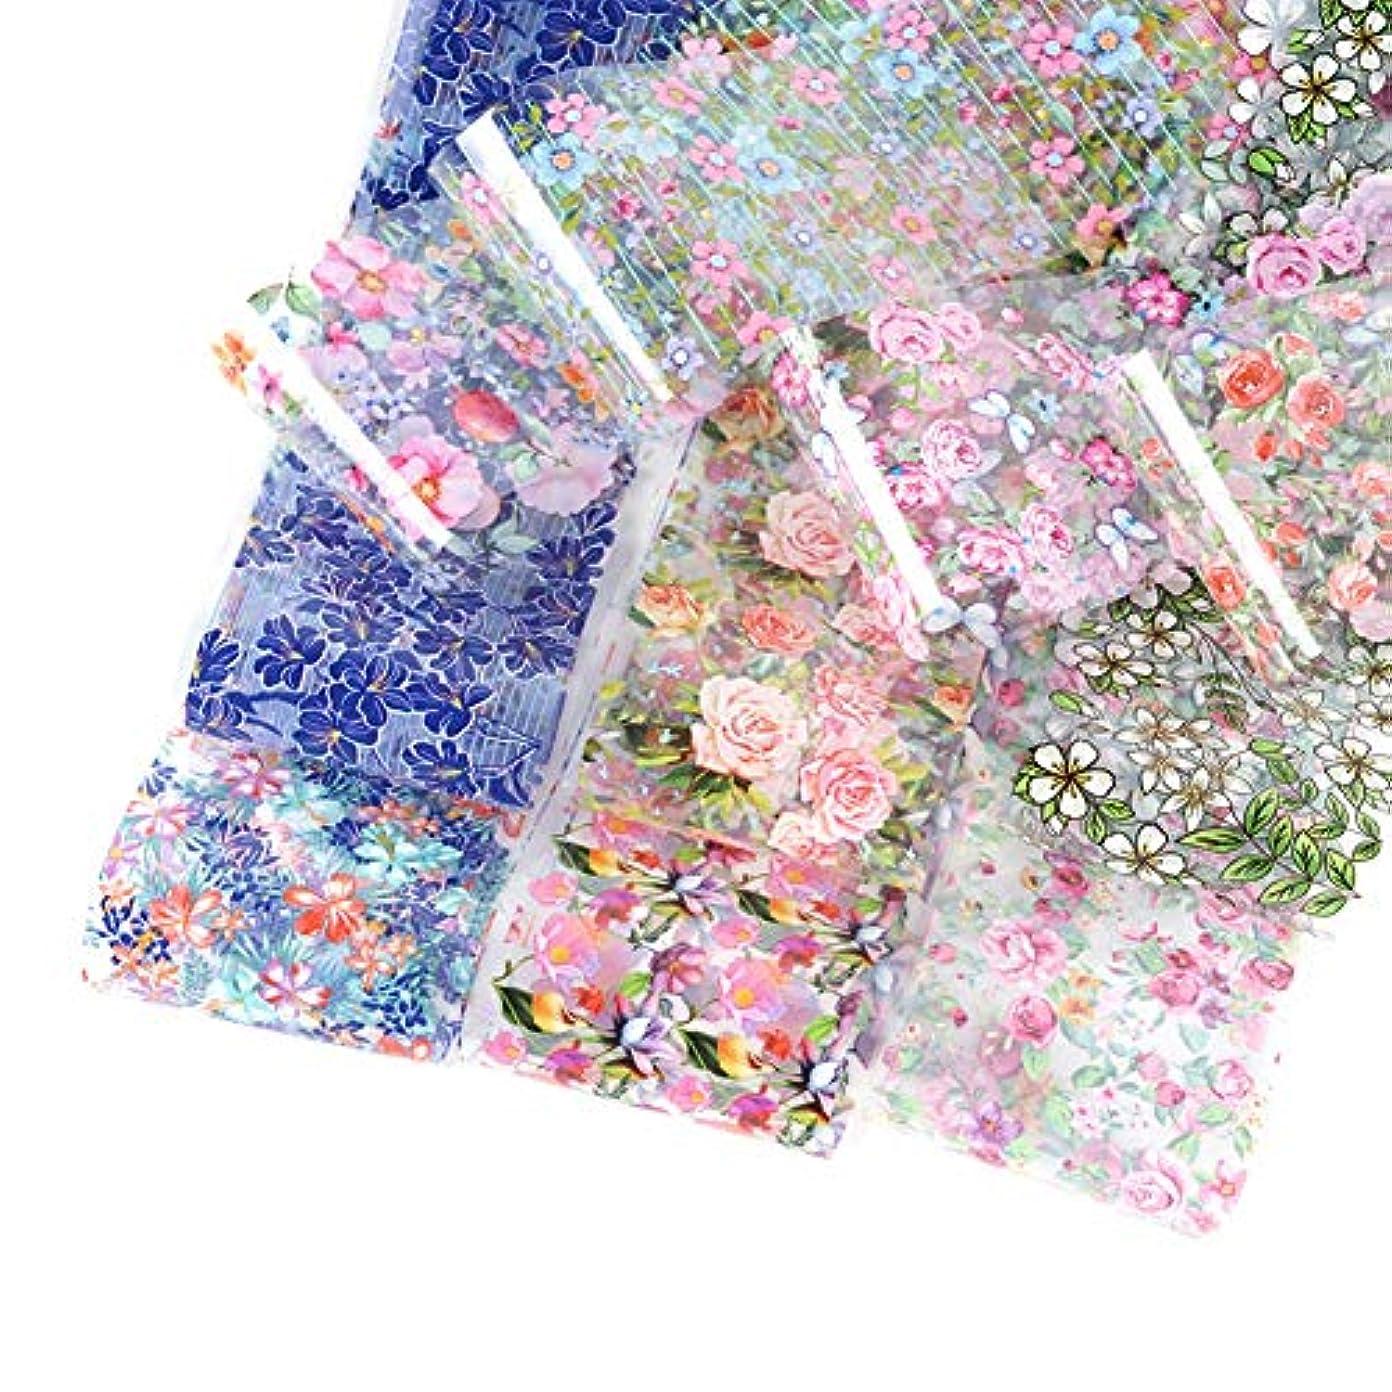 感謝祭集団的裁量LITI ネイルシール 花柄ネイルホイル 水彩の花 星空ネイル シェル 綺麗な夏 転写ホイル 箔紙 シェルプリント 極薄フィルム 3D デザイン ネイル転印シール ネイルステッカー